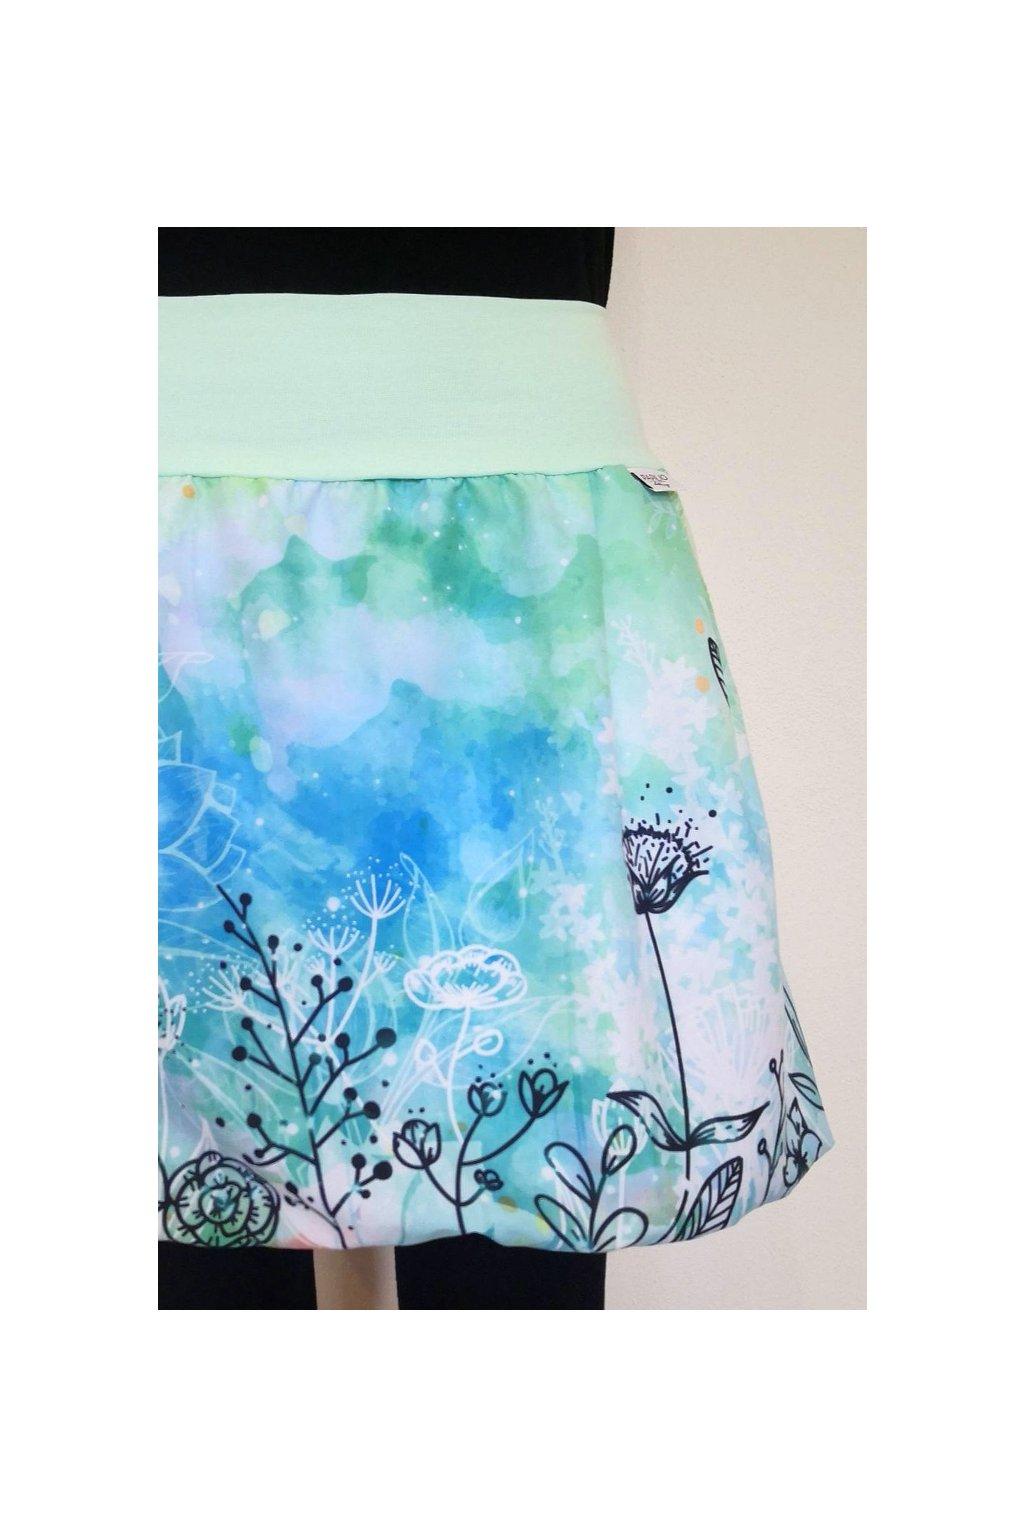 SKLADEM - balonová sukně Mint květy | micropeach